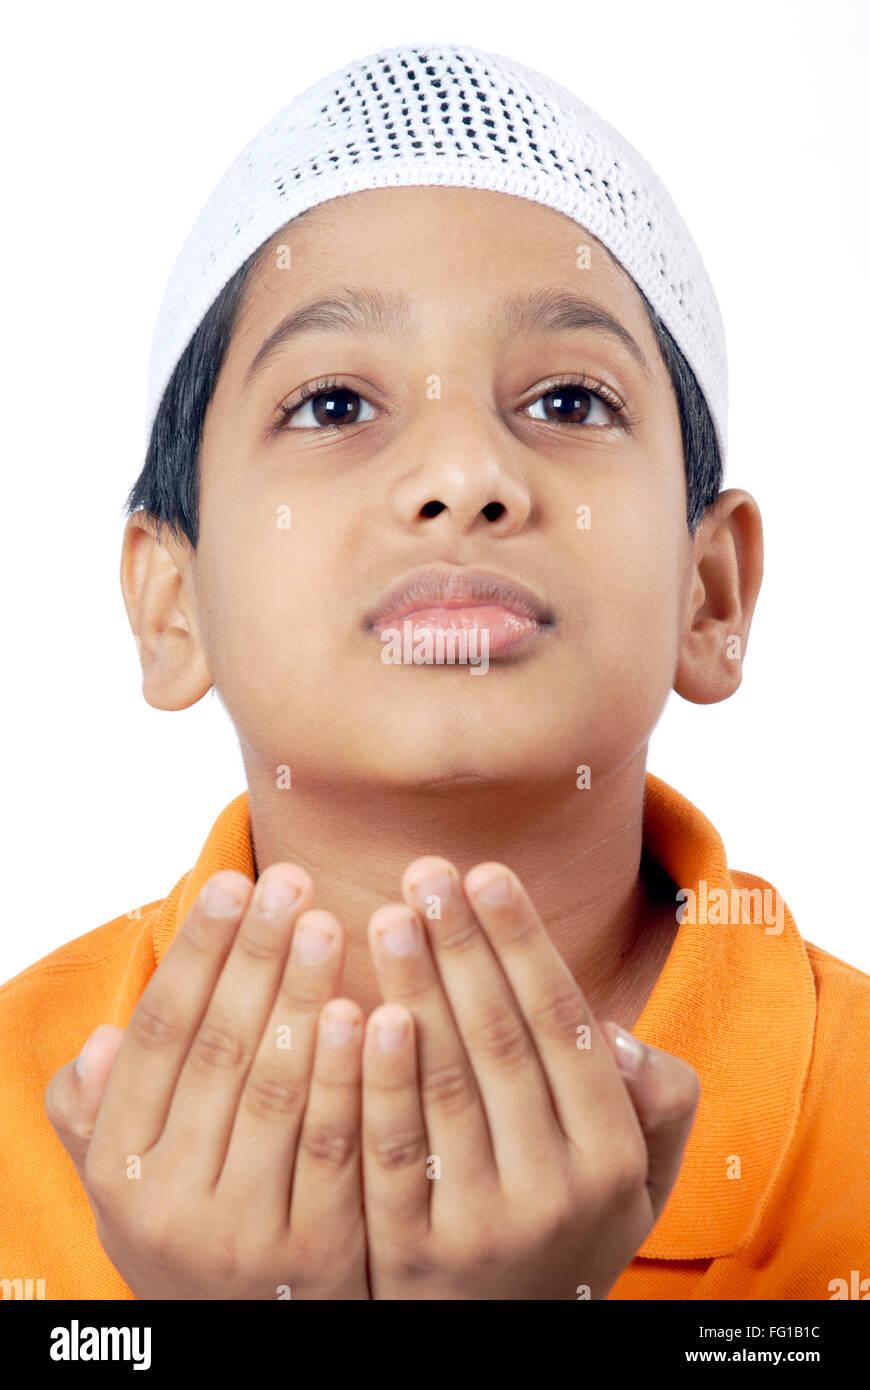 Muslim boy wearing topi praying namaz MR#152 - Stock Image